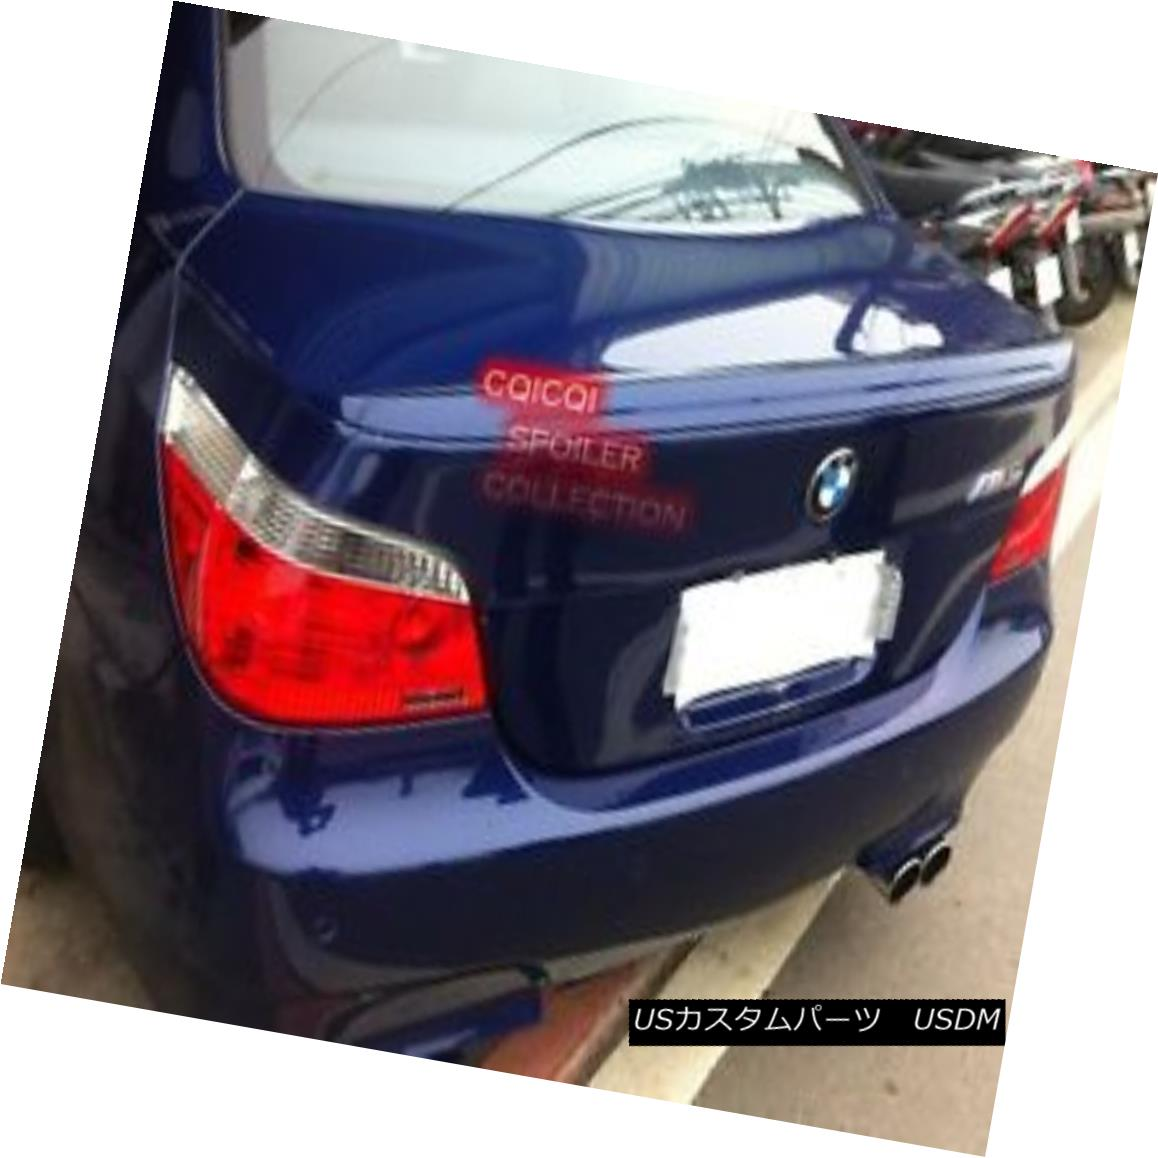 エアロパーツ Painted BMW 04-10 E60 5-series Sedan M5 type trunk spoiler all color◎ ペイントされたBMW 04-10 E60 5シリーズセダンM5タイプのトランク・スポイラーは全色?